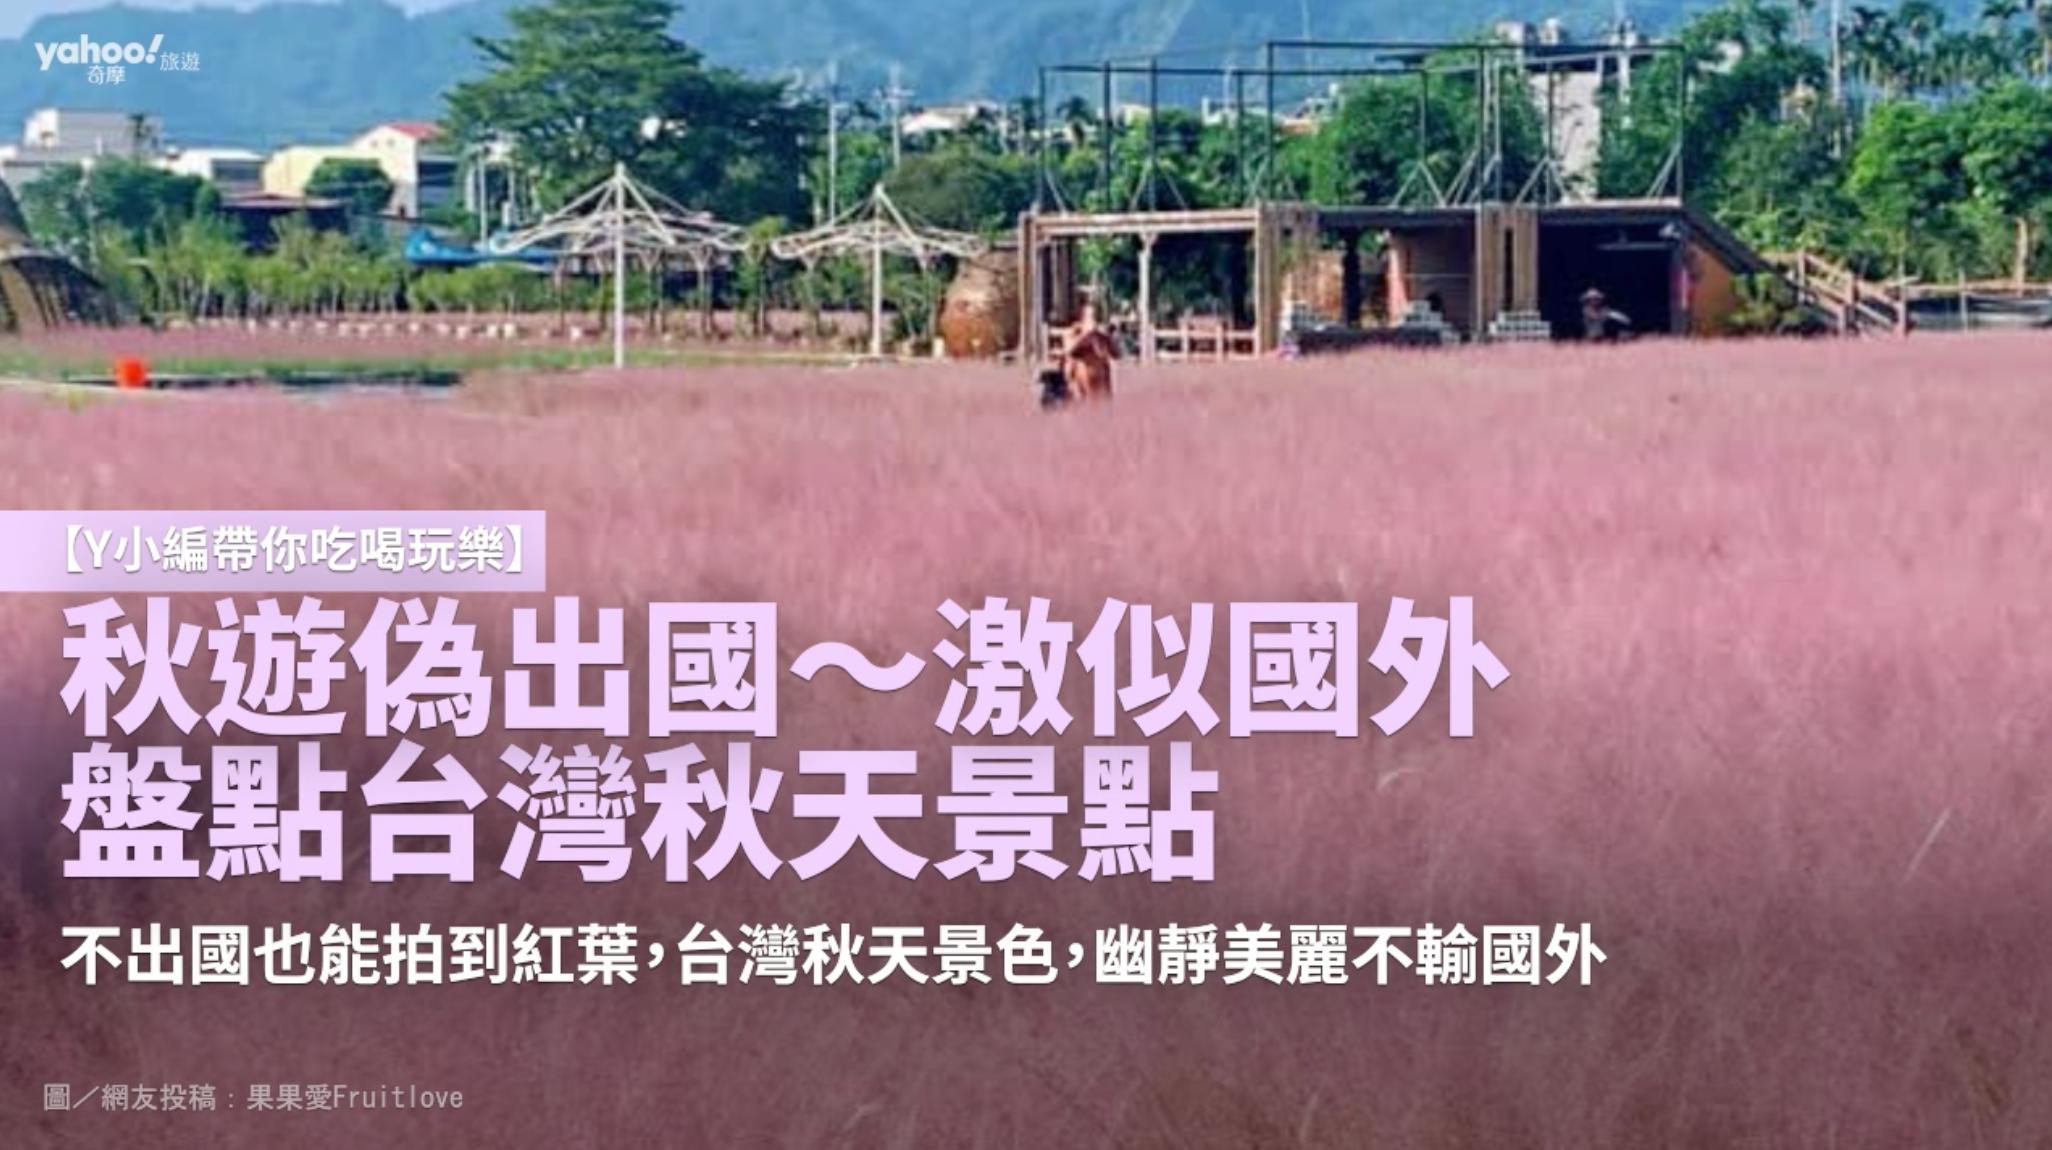 【Y小編帶你吃喝玩樂】秋遊偽出國 激似國外 盤點台灣秋天景點